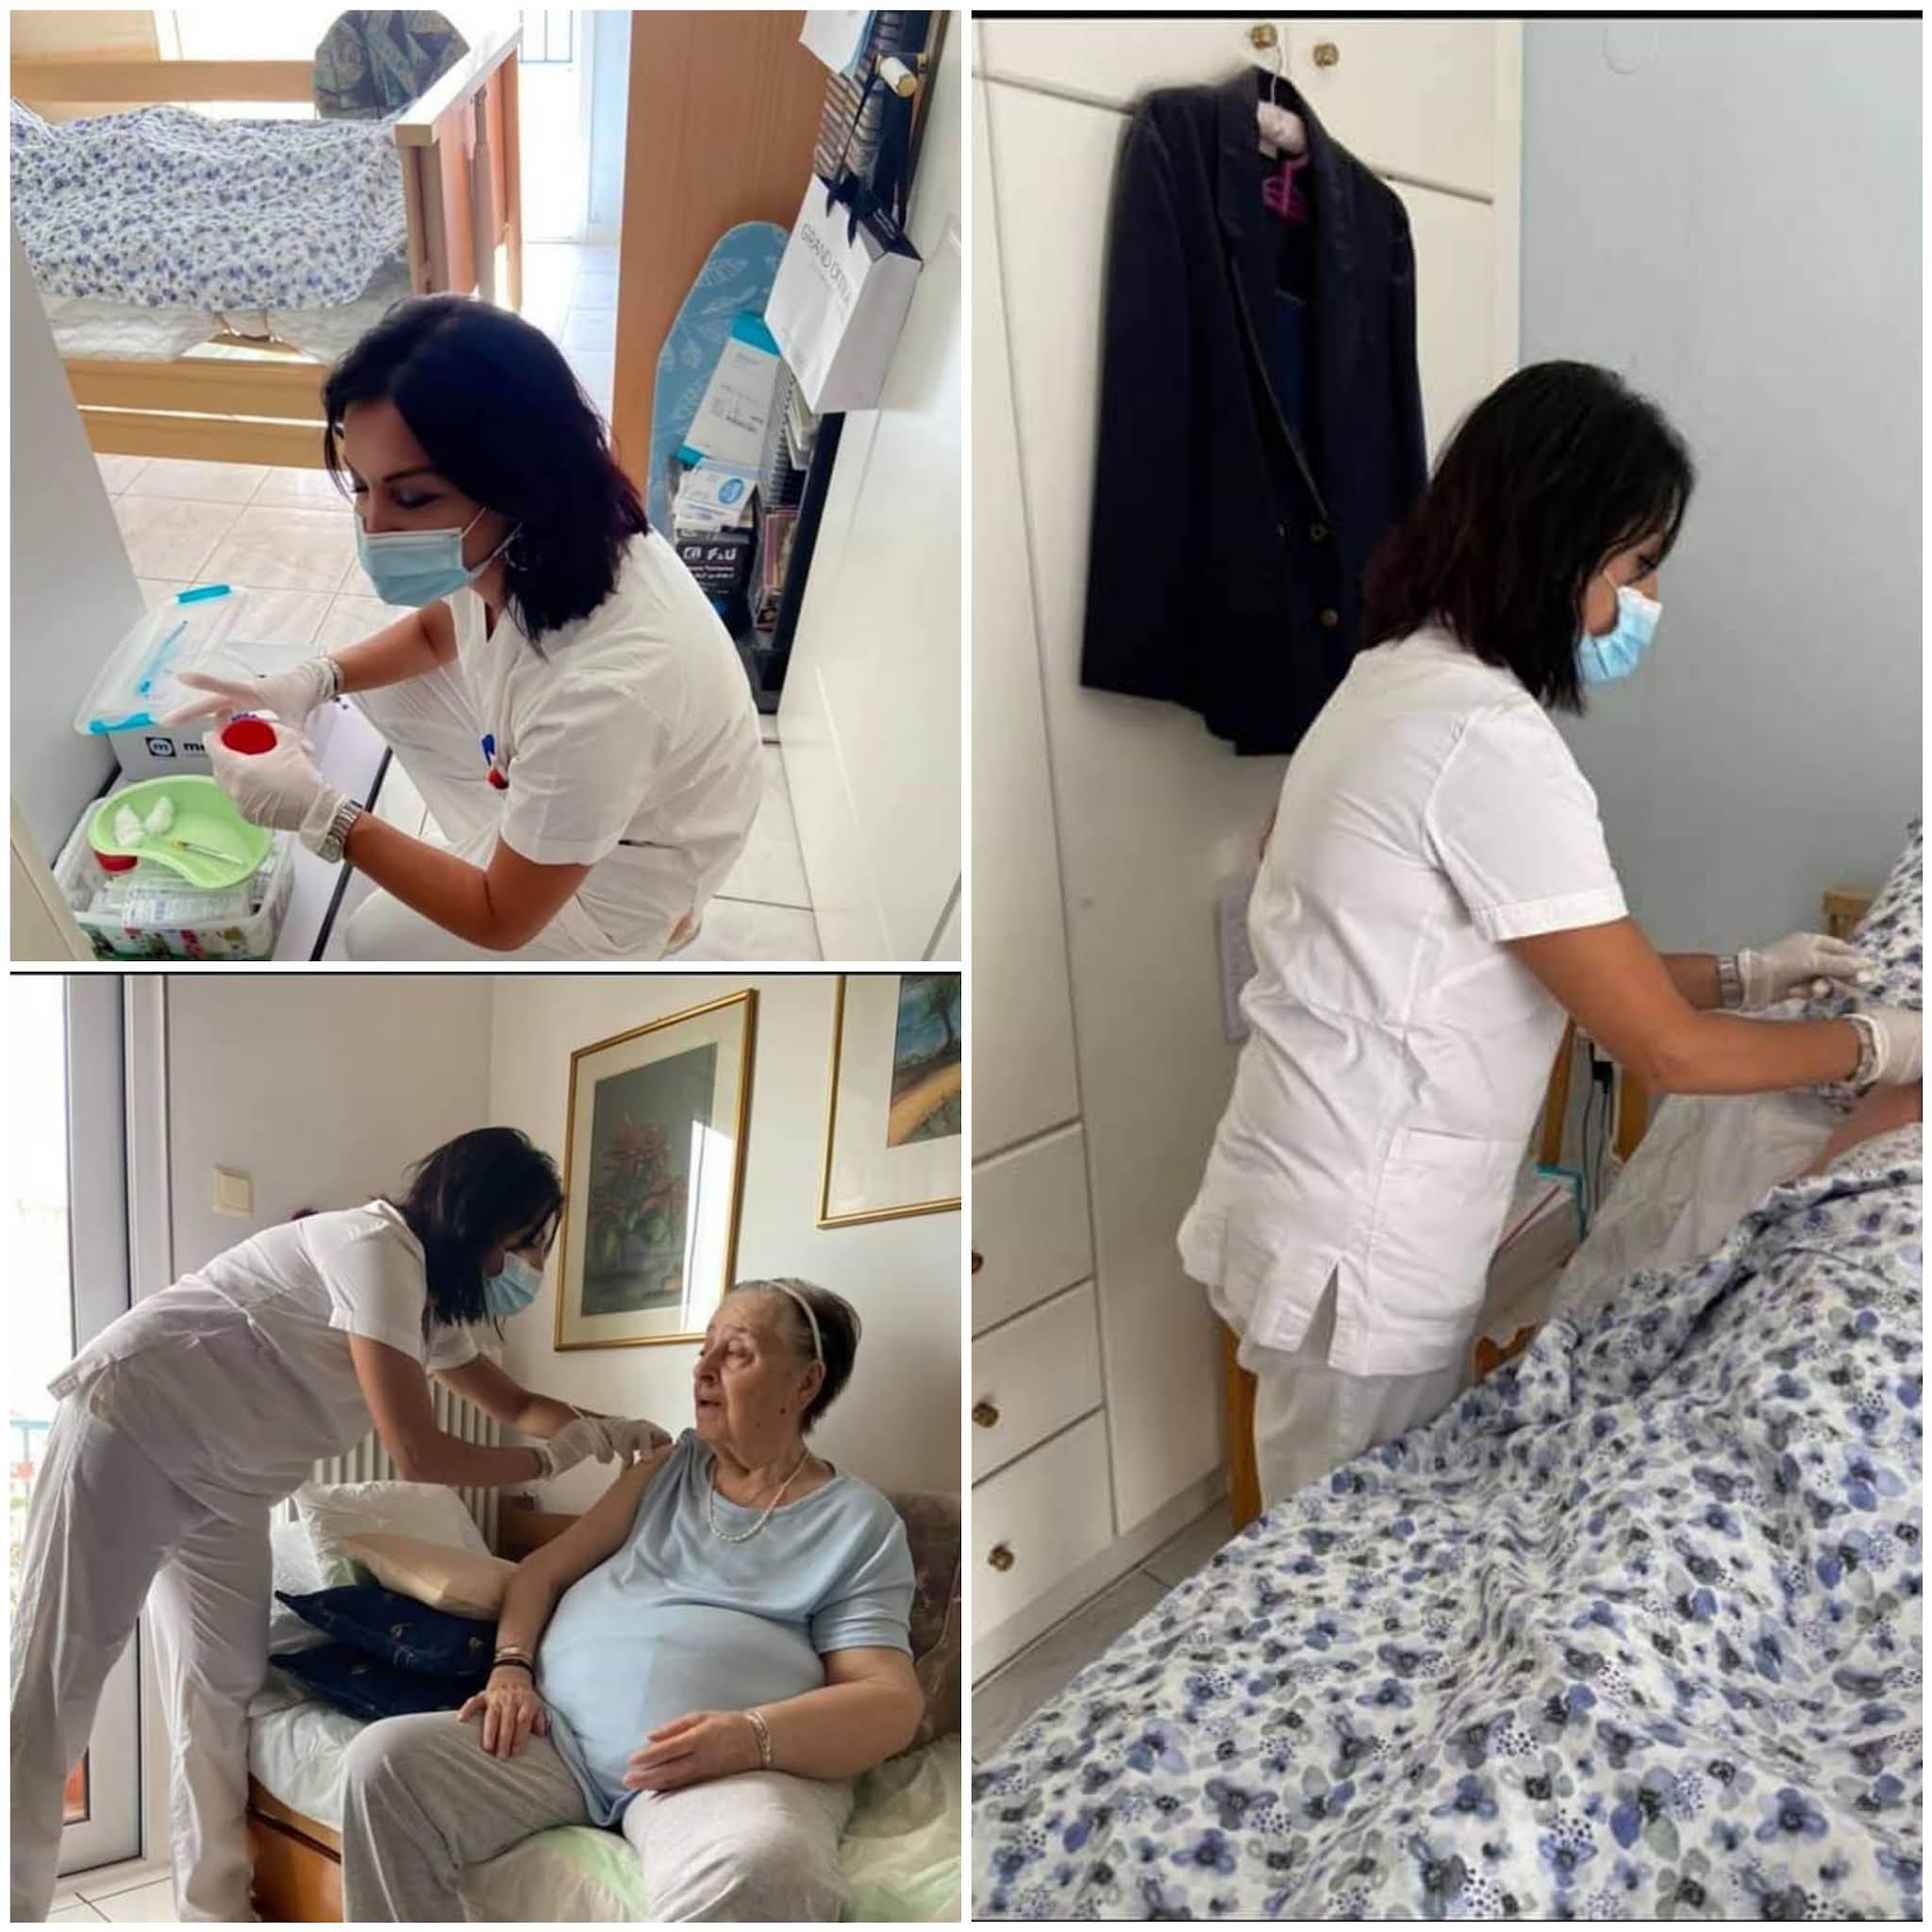 Ξεκίνησαν οι εμβολιασμοί κατ' οίκον στην Ξάνθη